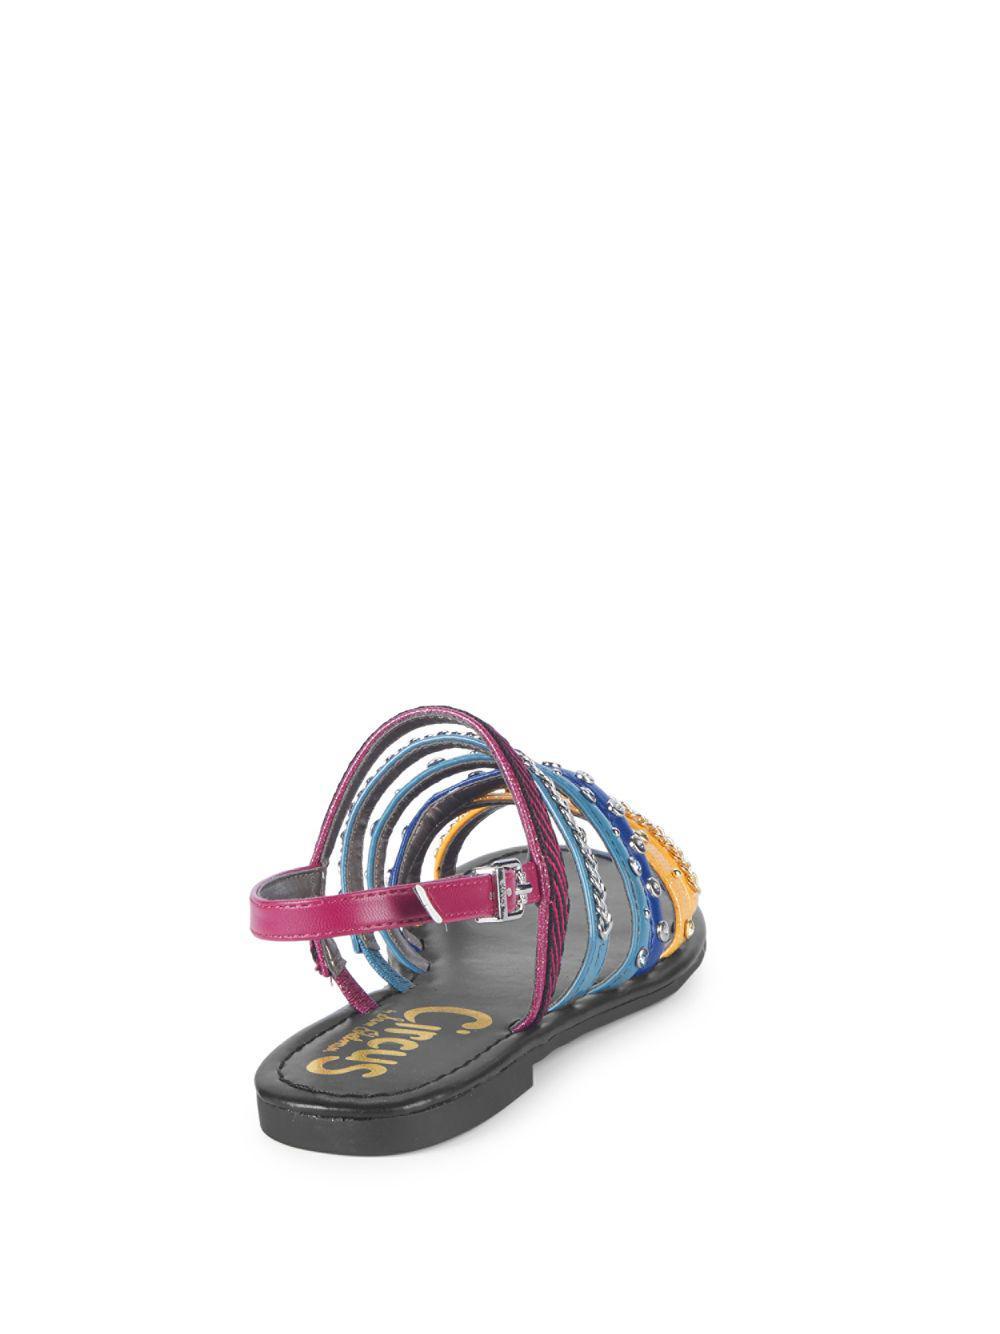 6da53f8f6577 Lyst - Circus by Sam Edelman Bev Strappy Flat Sandals in Blue